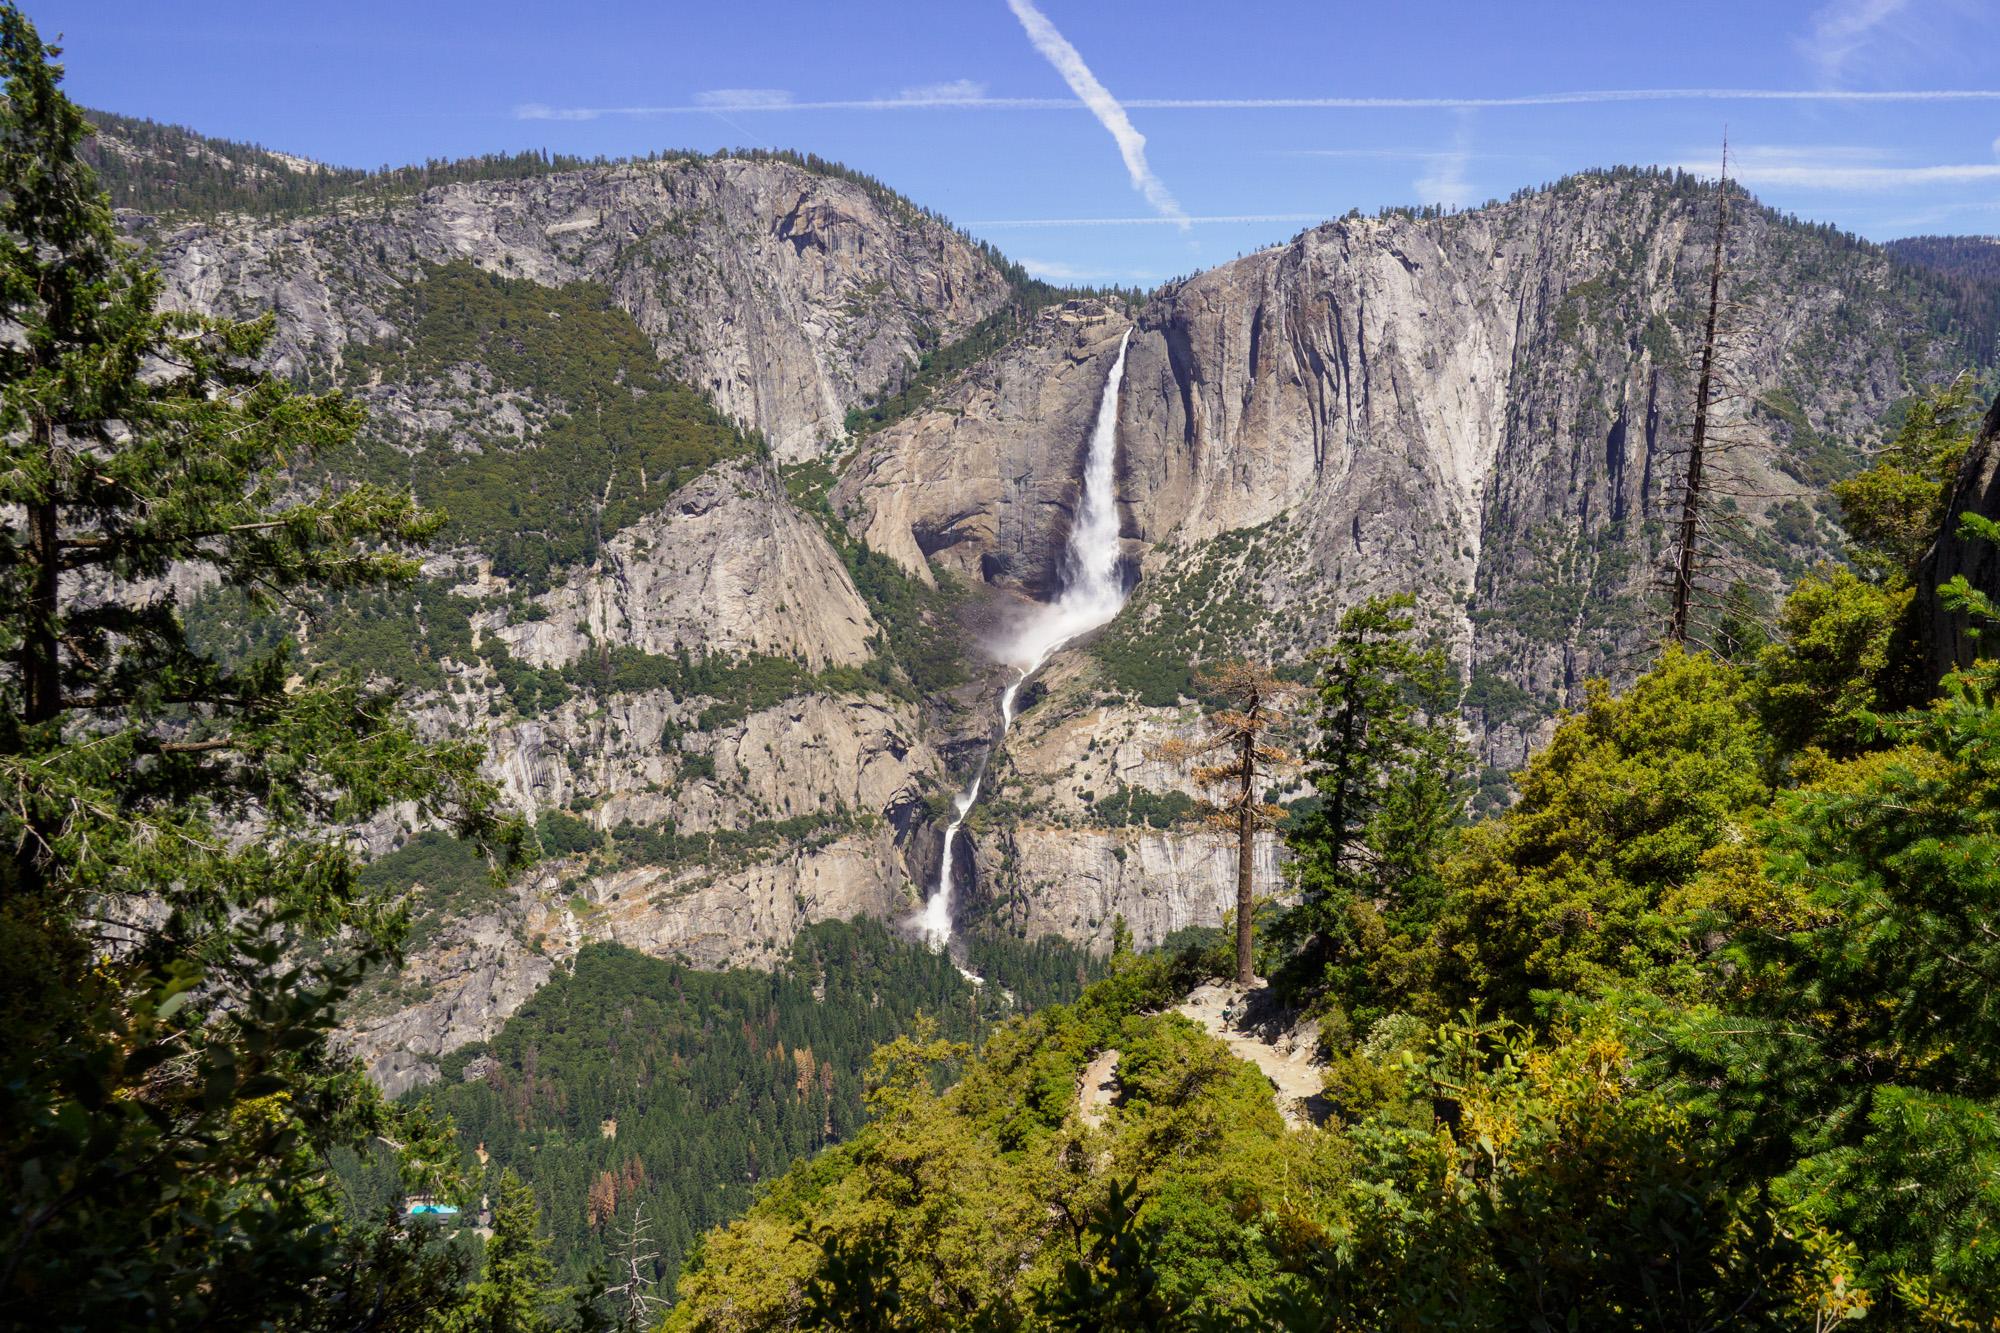 Yosemite Nationalpark - Aussicht vom 4 Miles Trail auf den Yosemite Fall